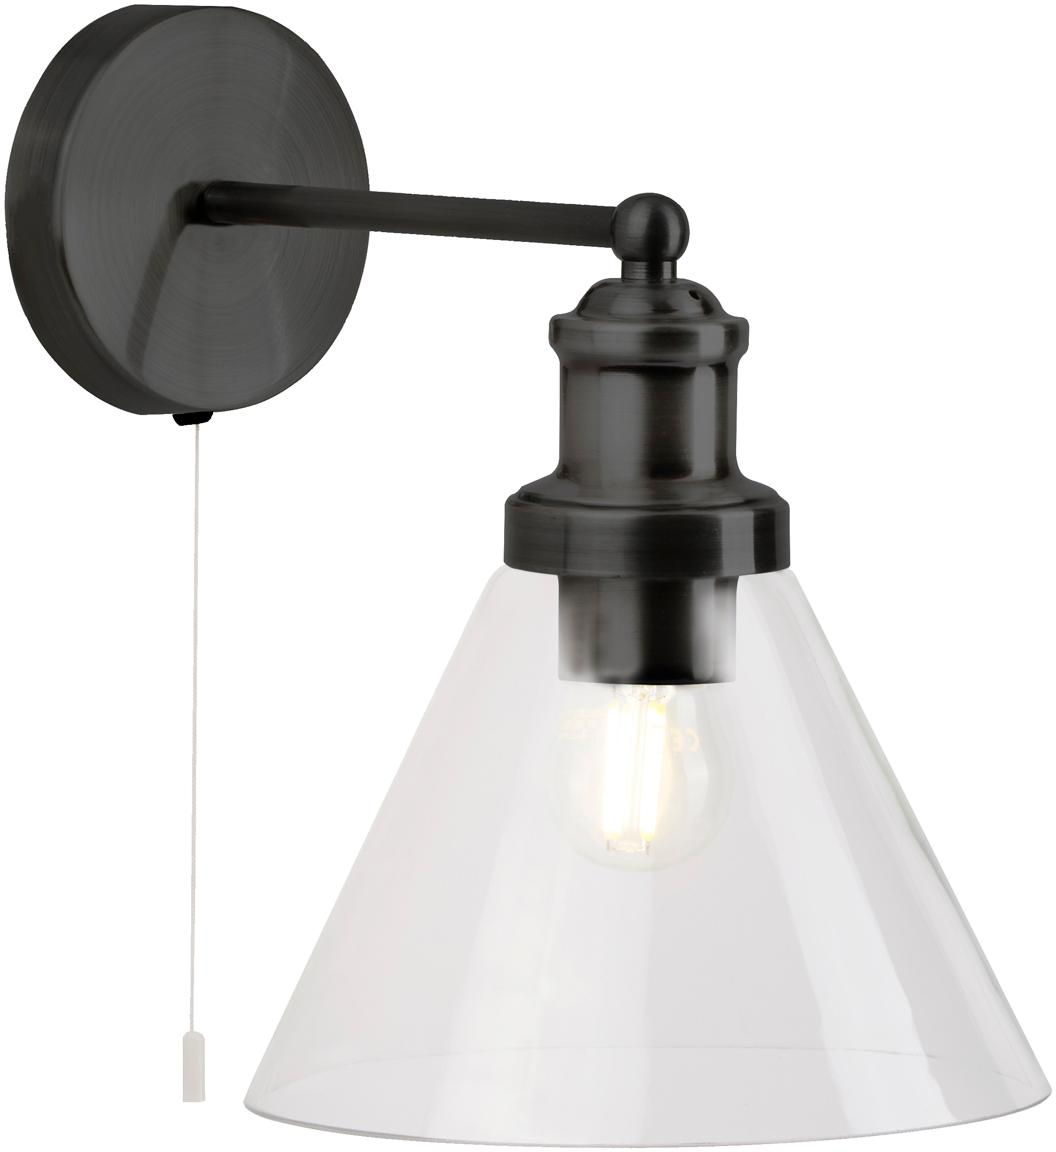 Wandleuchte Pyramid mit Glasschirm, Lampenschirm: Glas, Schwarz, Transparent, 19 x 25 cm